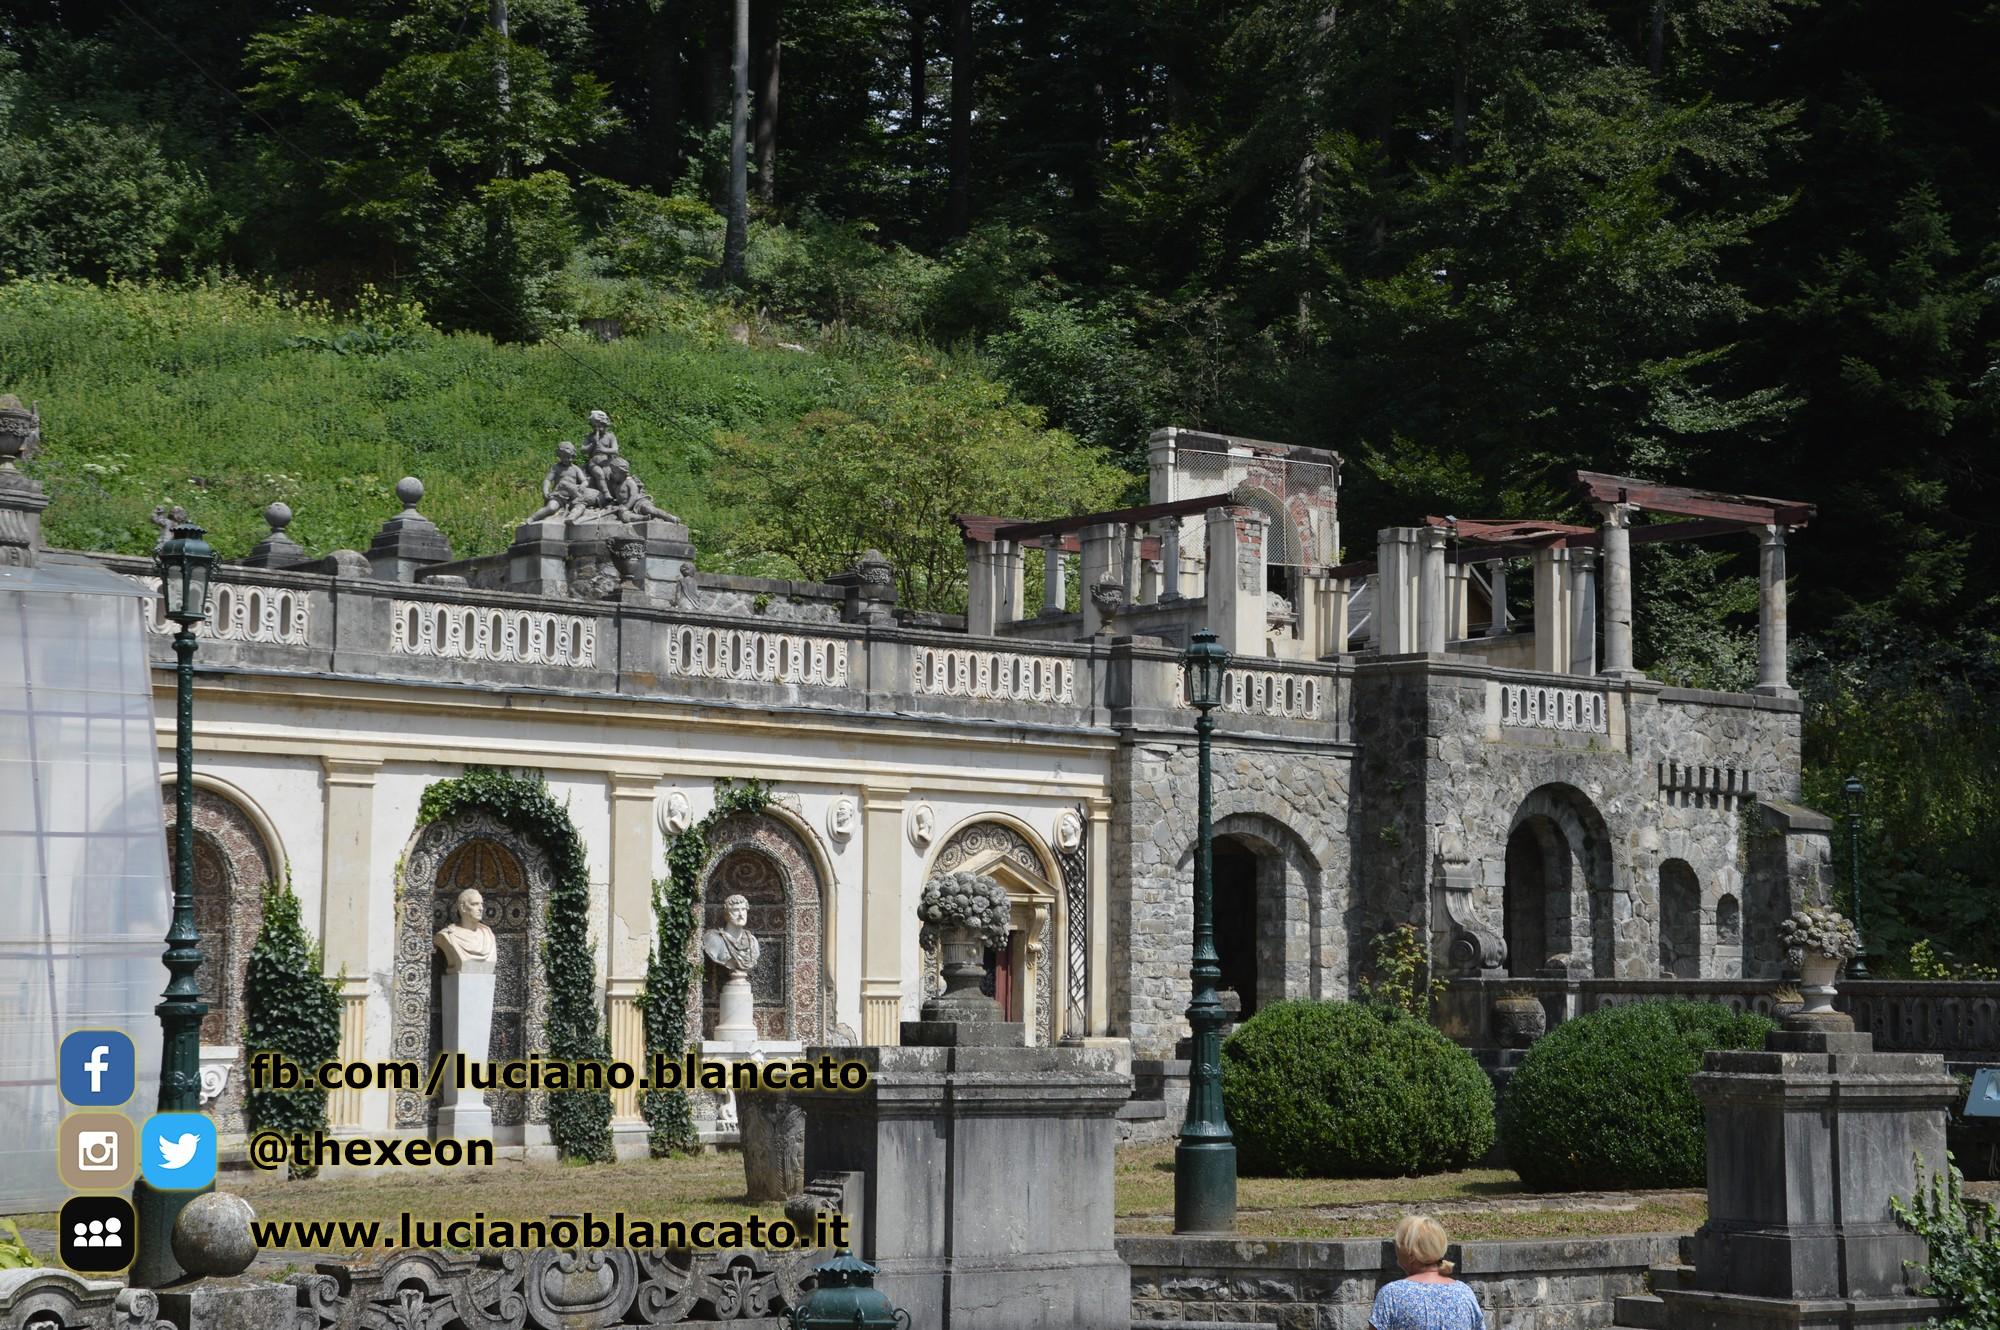 copy_5_Bucarest - Peleș Castle - Castelul Peleș - parco